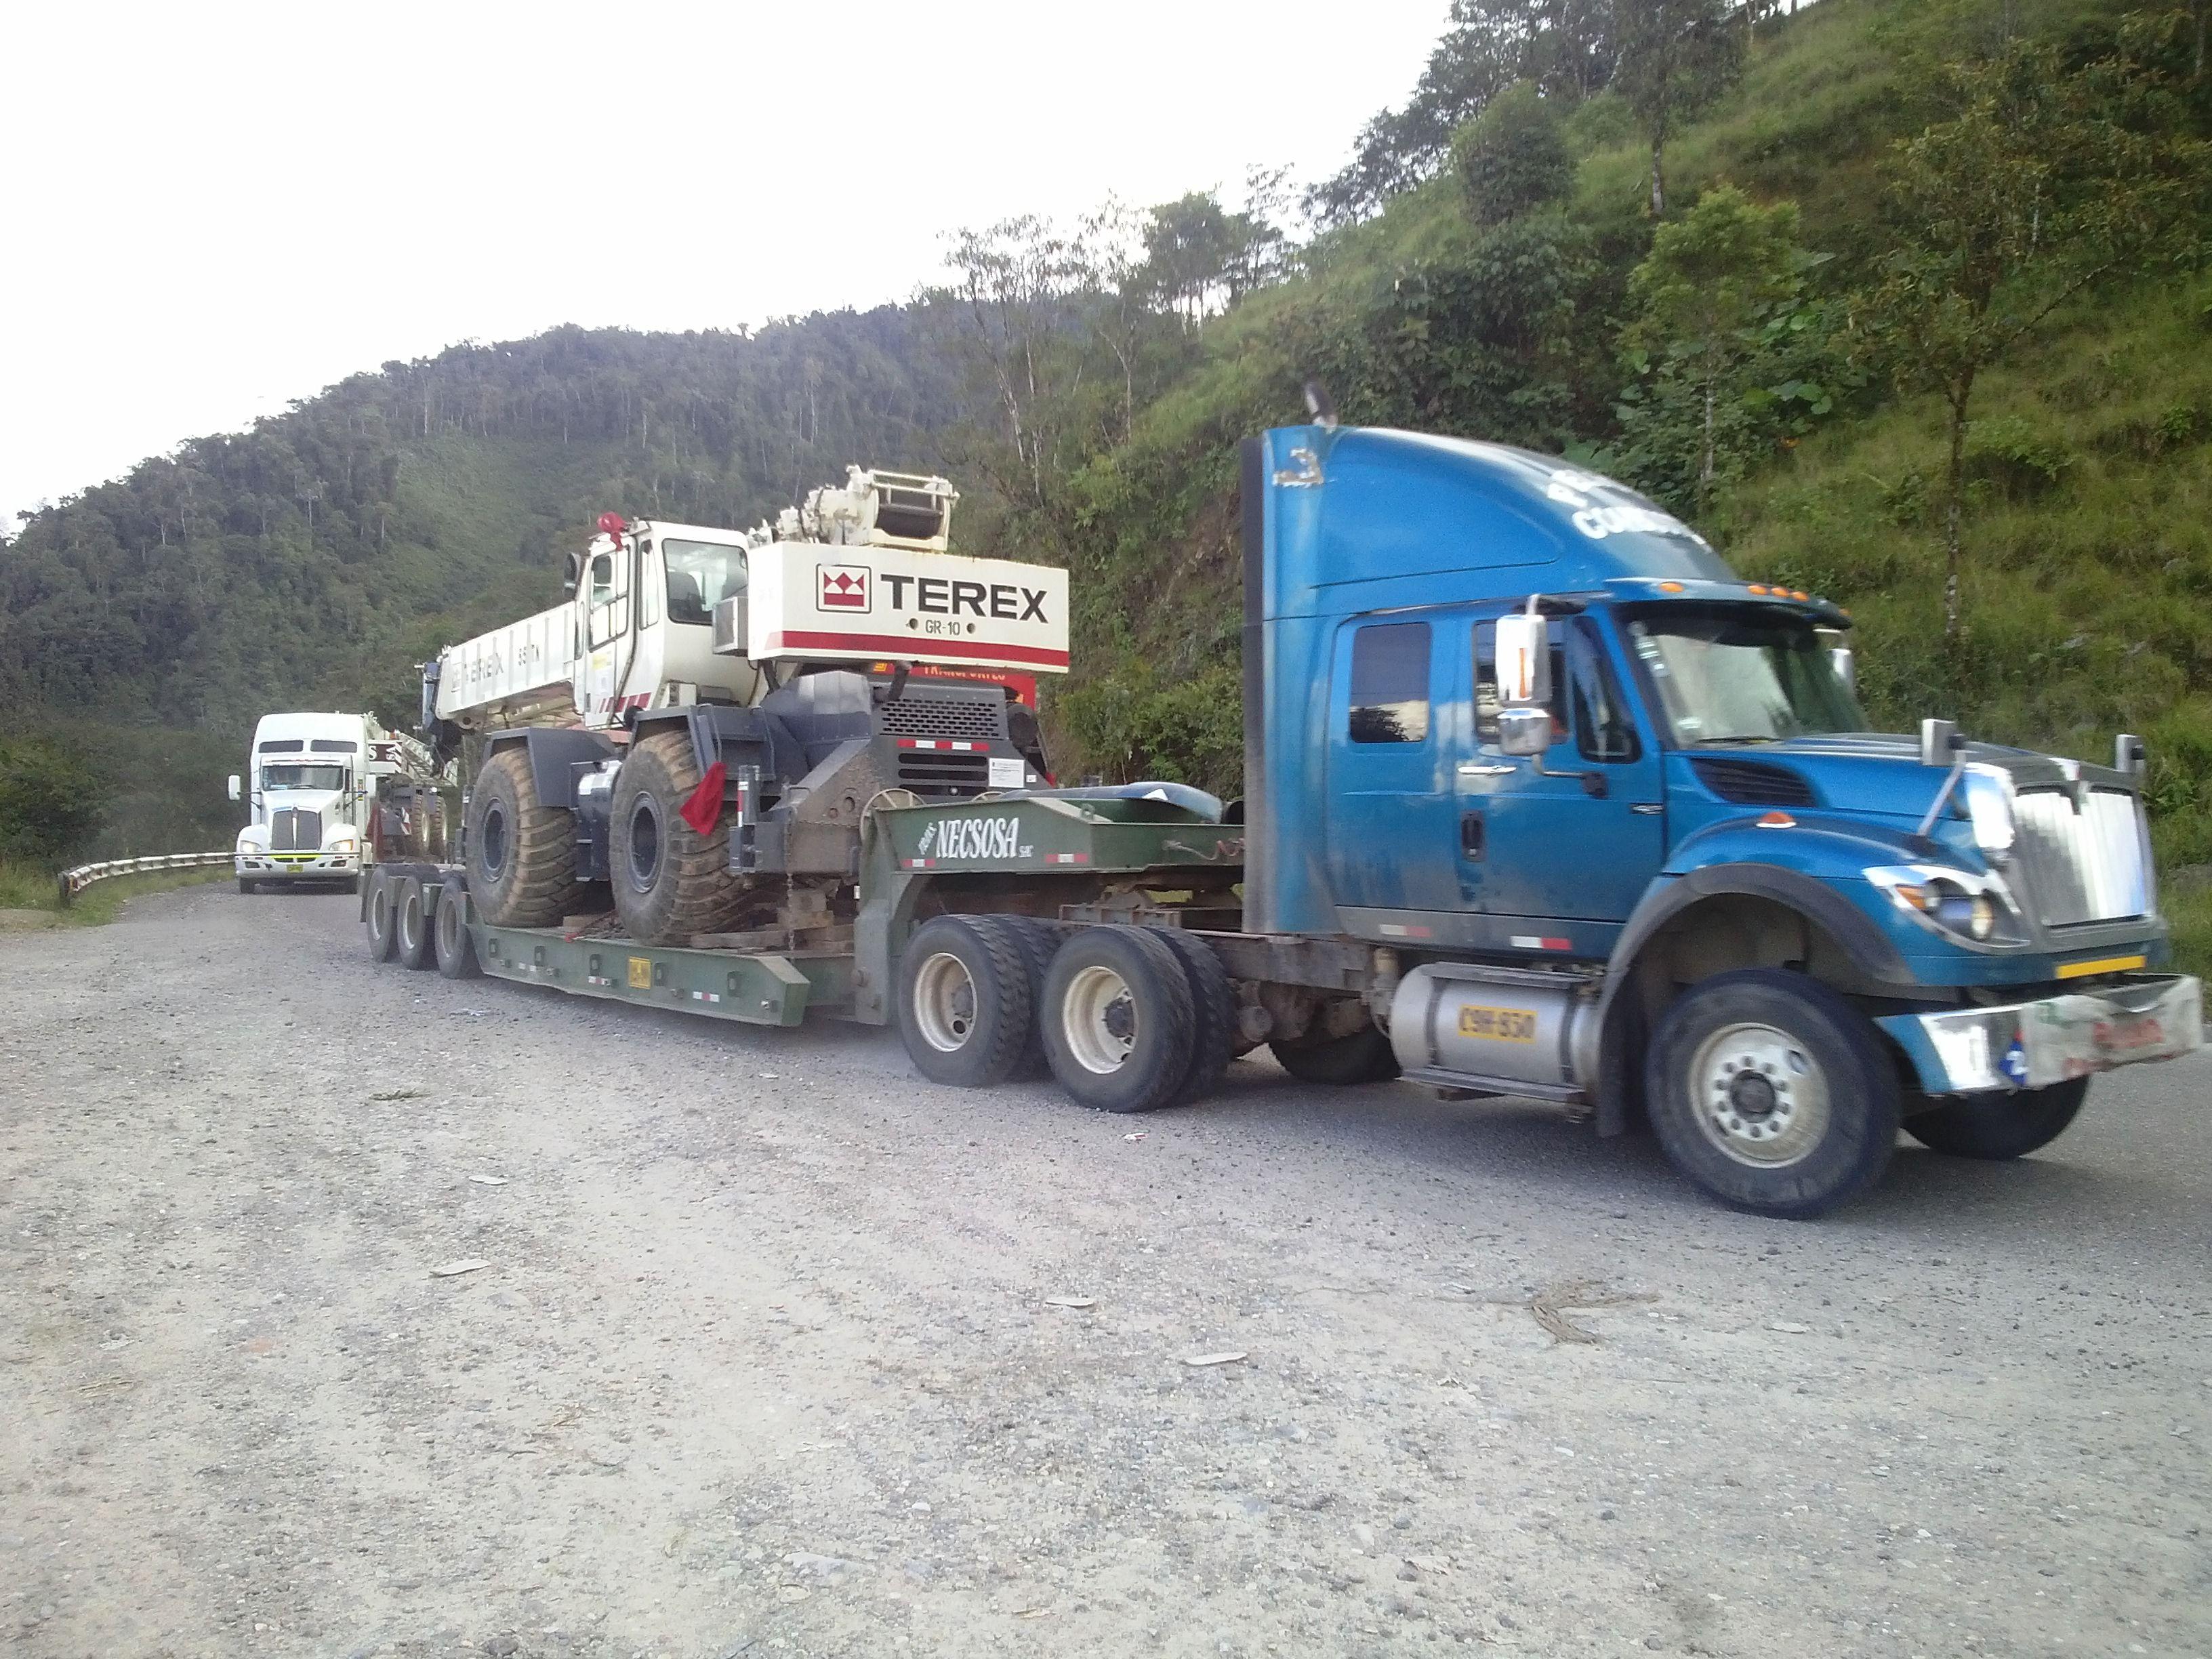 TRANSPORTAMOS: MAQUINARIA PESADA, MATERIALES DE CONSTRUCCION, EQUIPOS PARA LA MINERIA,EQUIPOS MEDICOS, PANELES PUBLICITARIOS, MUEBLES DE OFICINA, EXTRUCTURAS METALICAS, CONTAINERS ALIMENTOS Y OTROS. CAPACIDAD: 5, 8,10, 14, 25, 30, 40 toneladas TELEFAX: 493-3528 TELEF.FIJO:797-4176/ NEXTEL:94 616*4927 RPM Y CELULAR :#99503-4160  Transportes_visionperu@hotmail.com